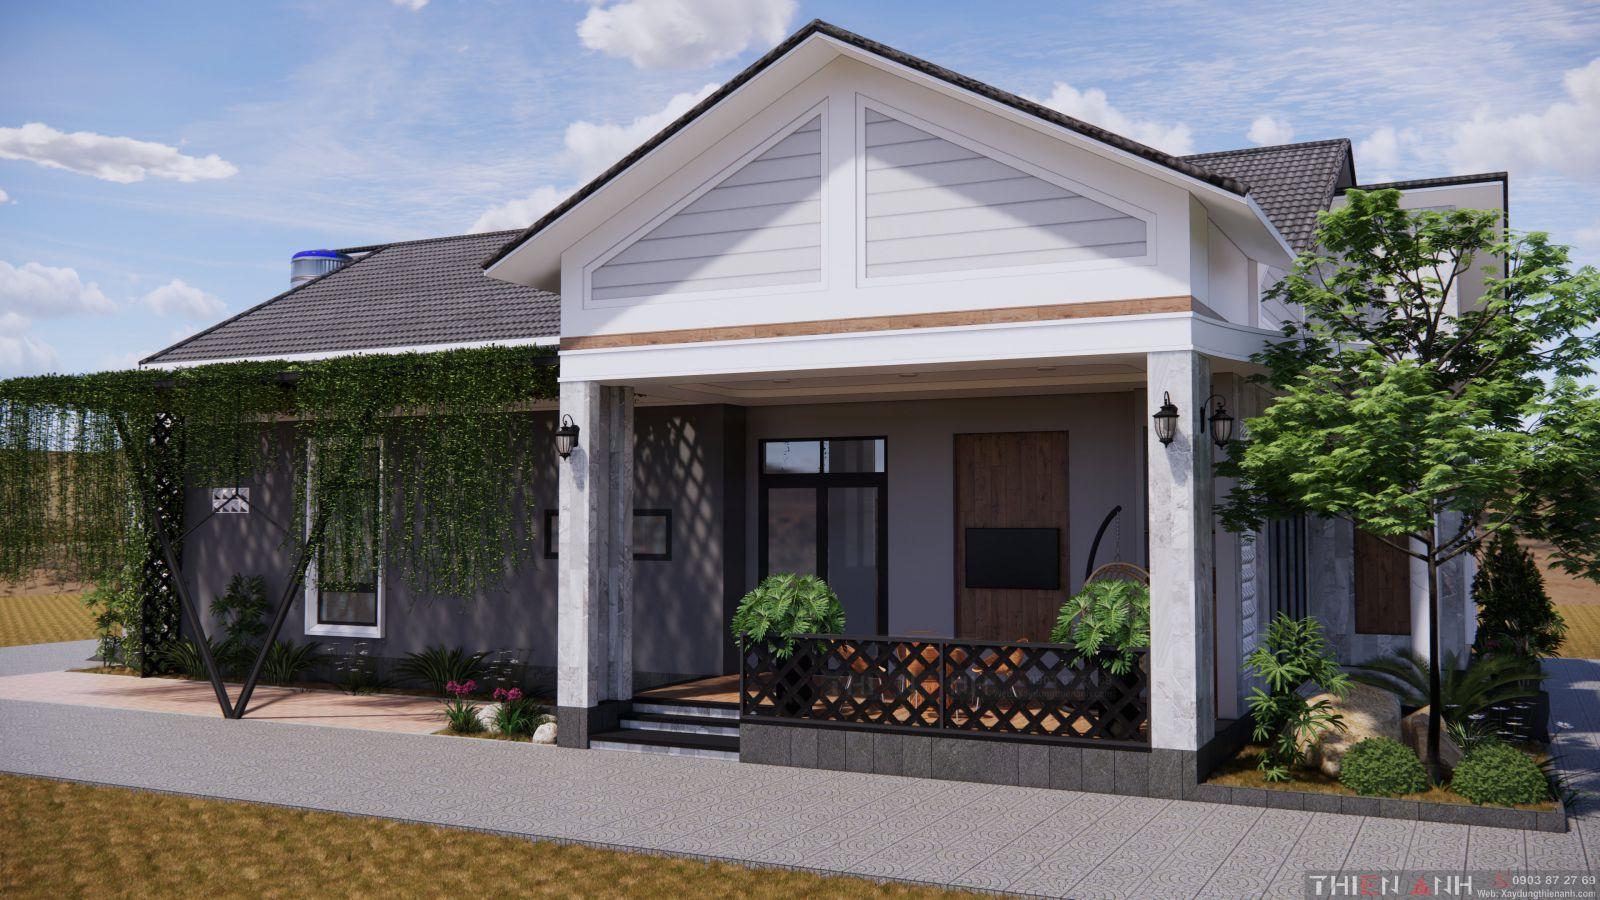 thiết kế nhà đẹp mái thái